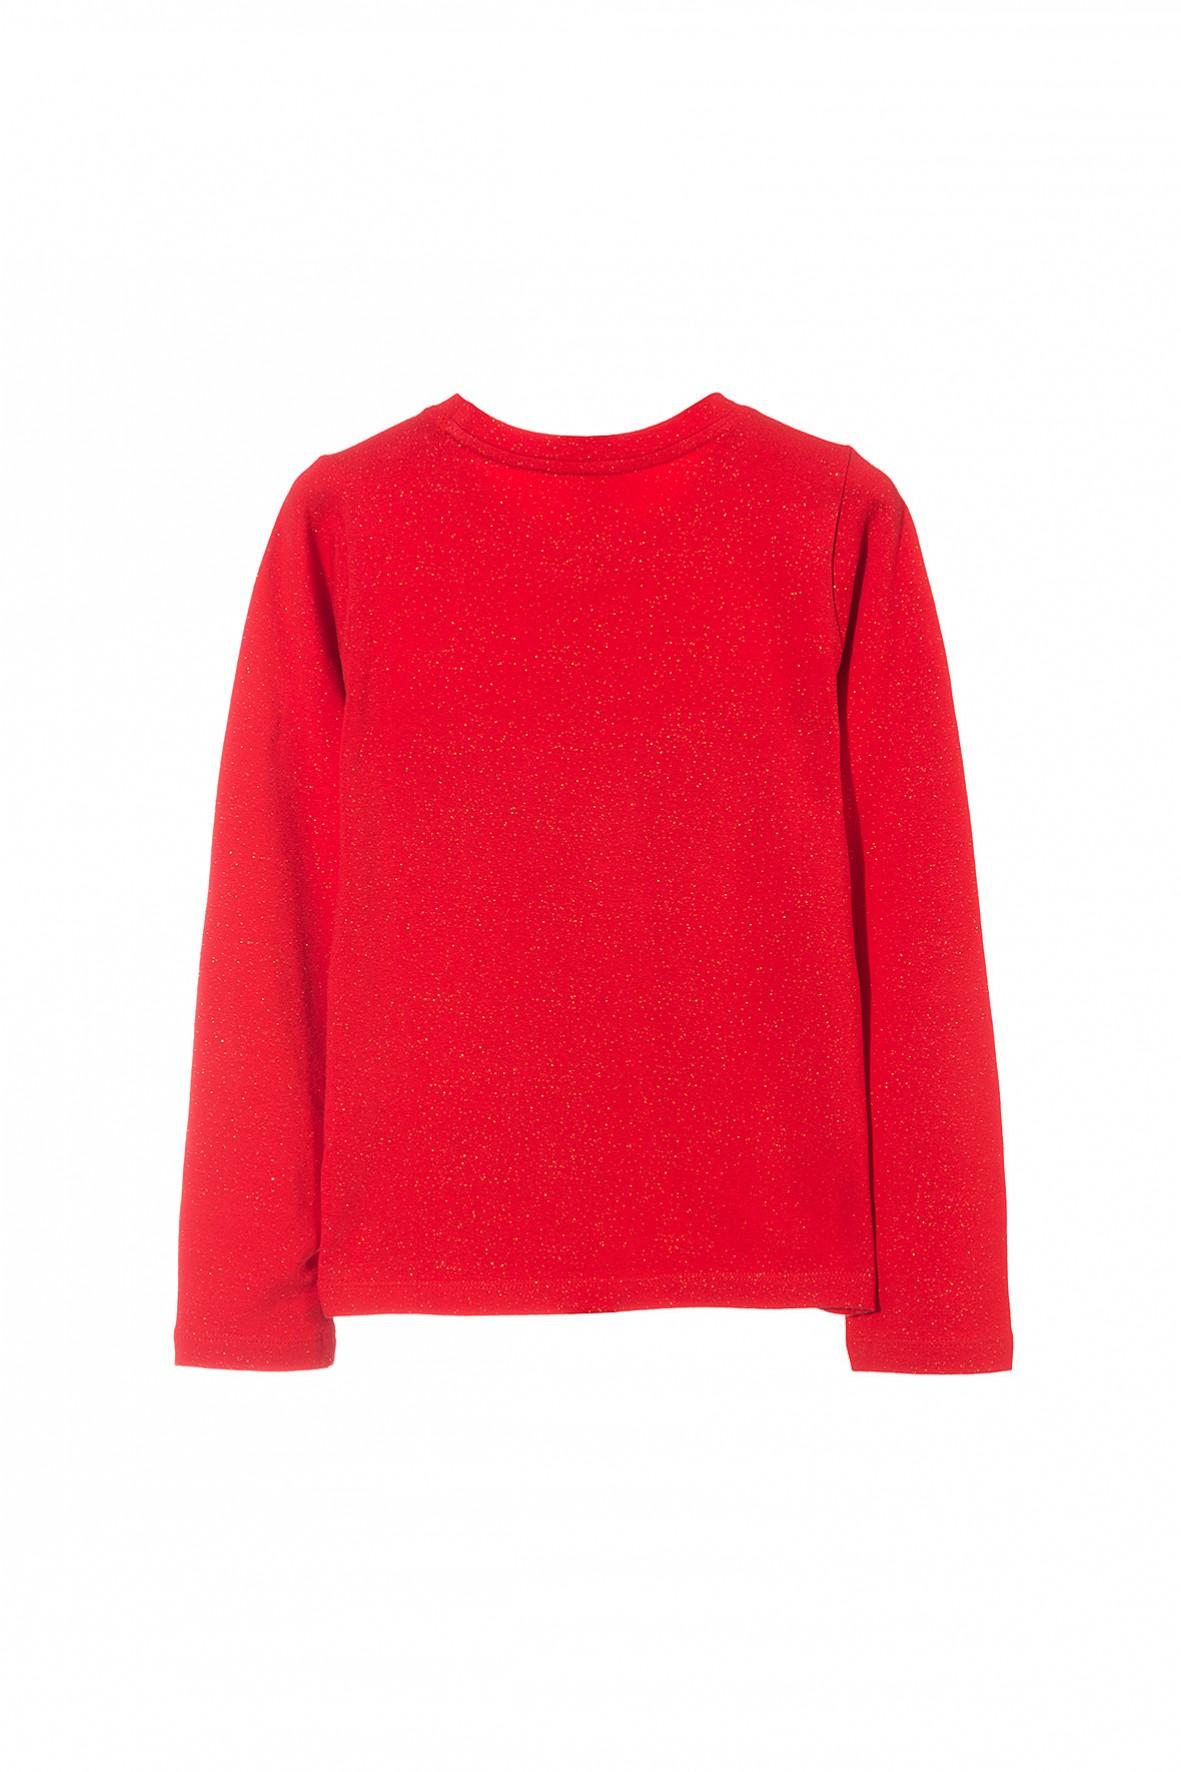 Czerwona Bluzka Dla Dziewczynki Z Cekinową Aplikacją W Postaci Kokardki